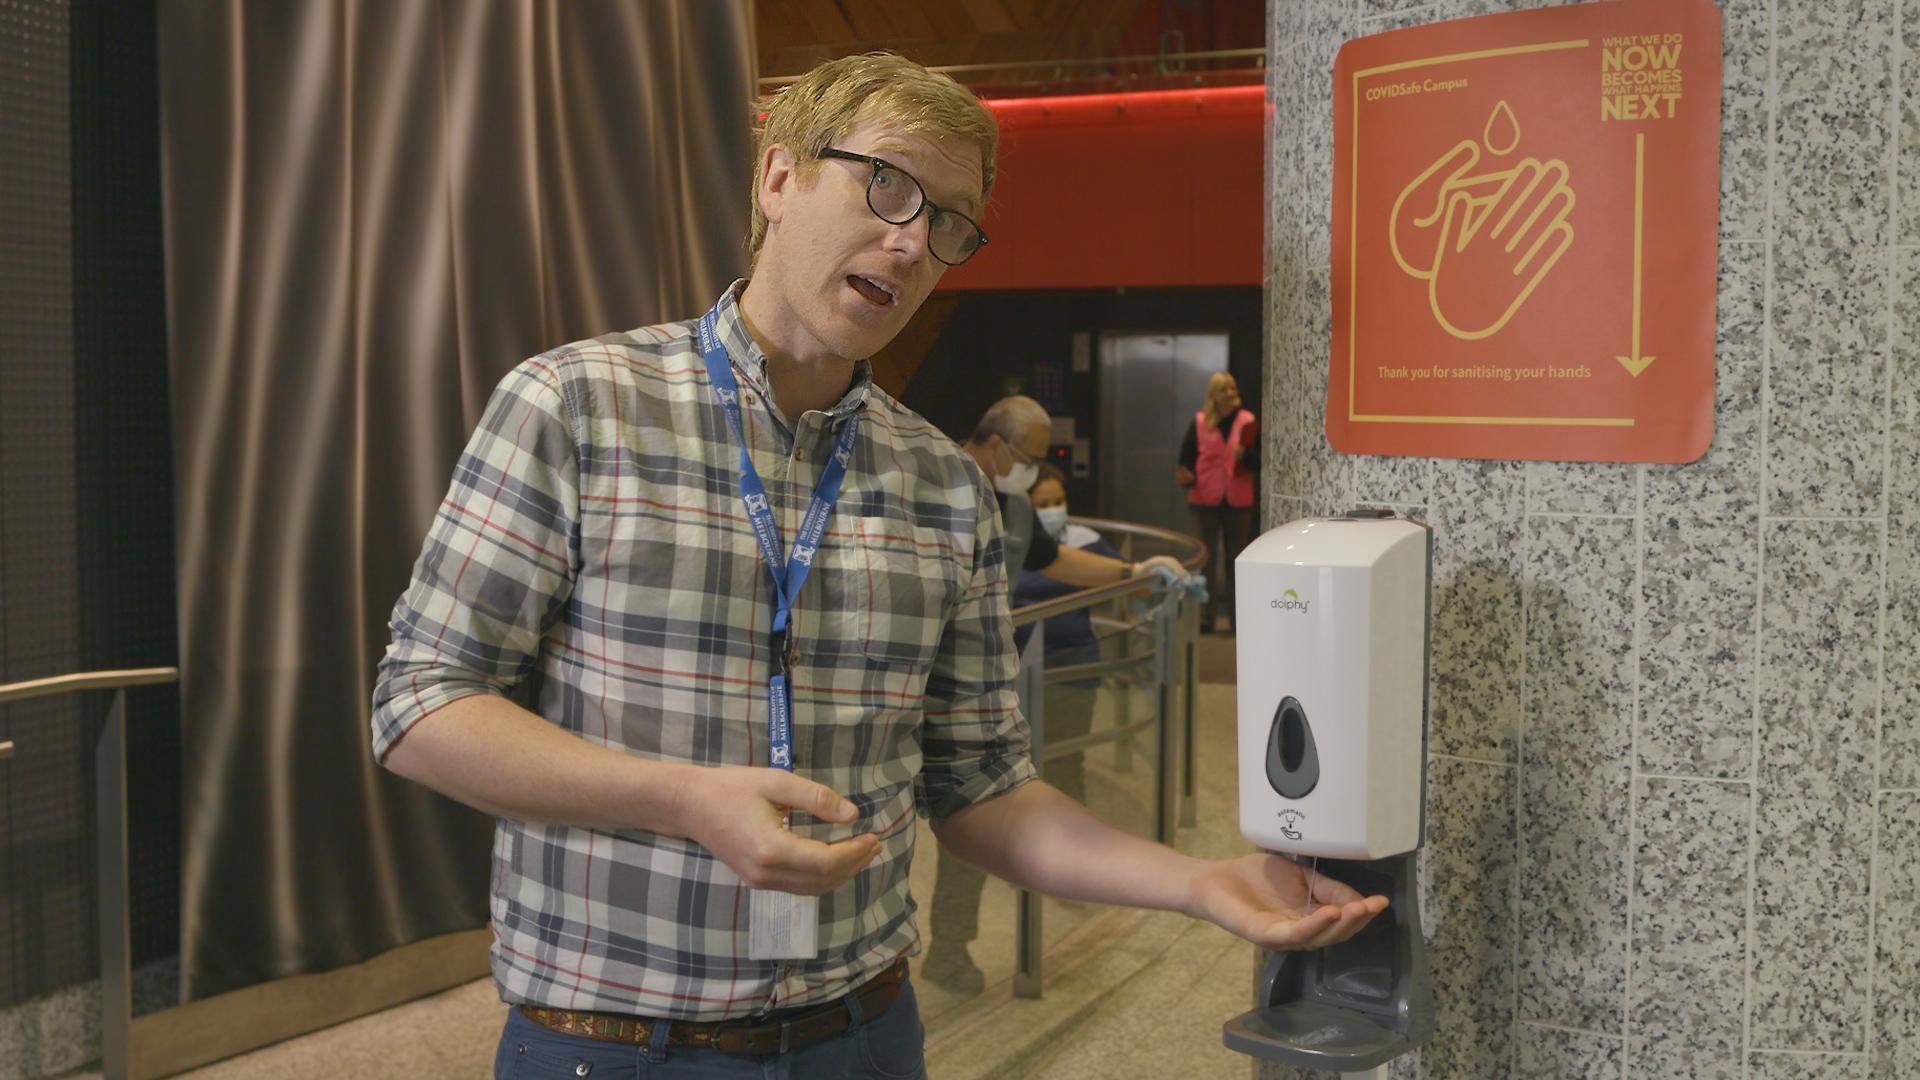 Person using hand sanitiser dispenser